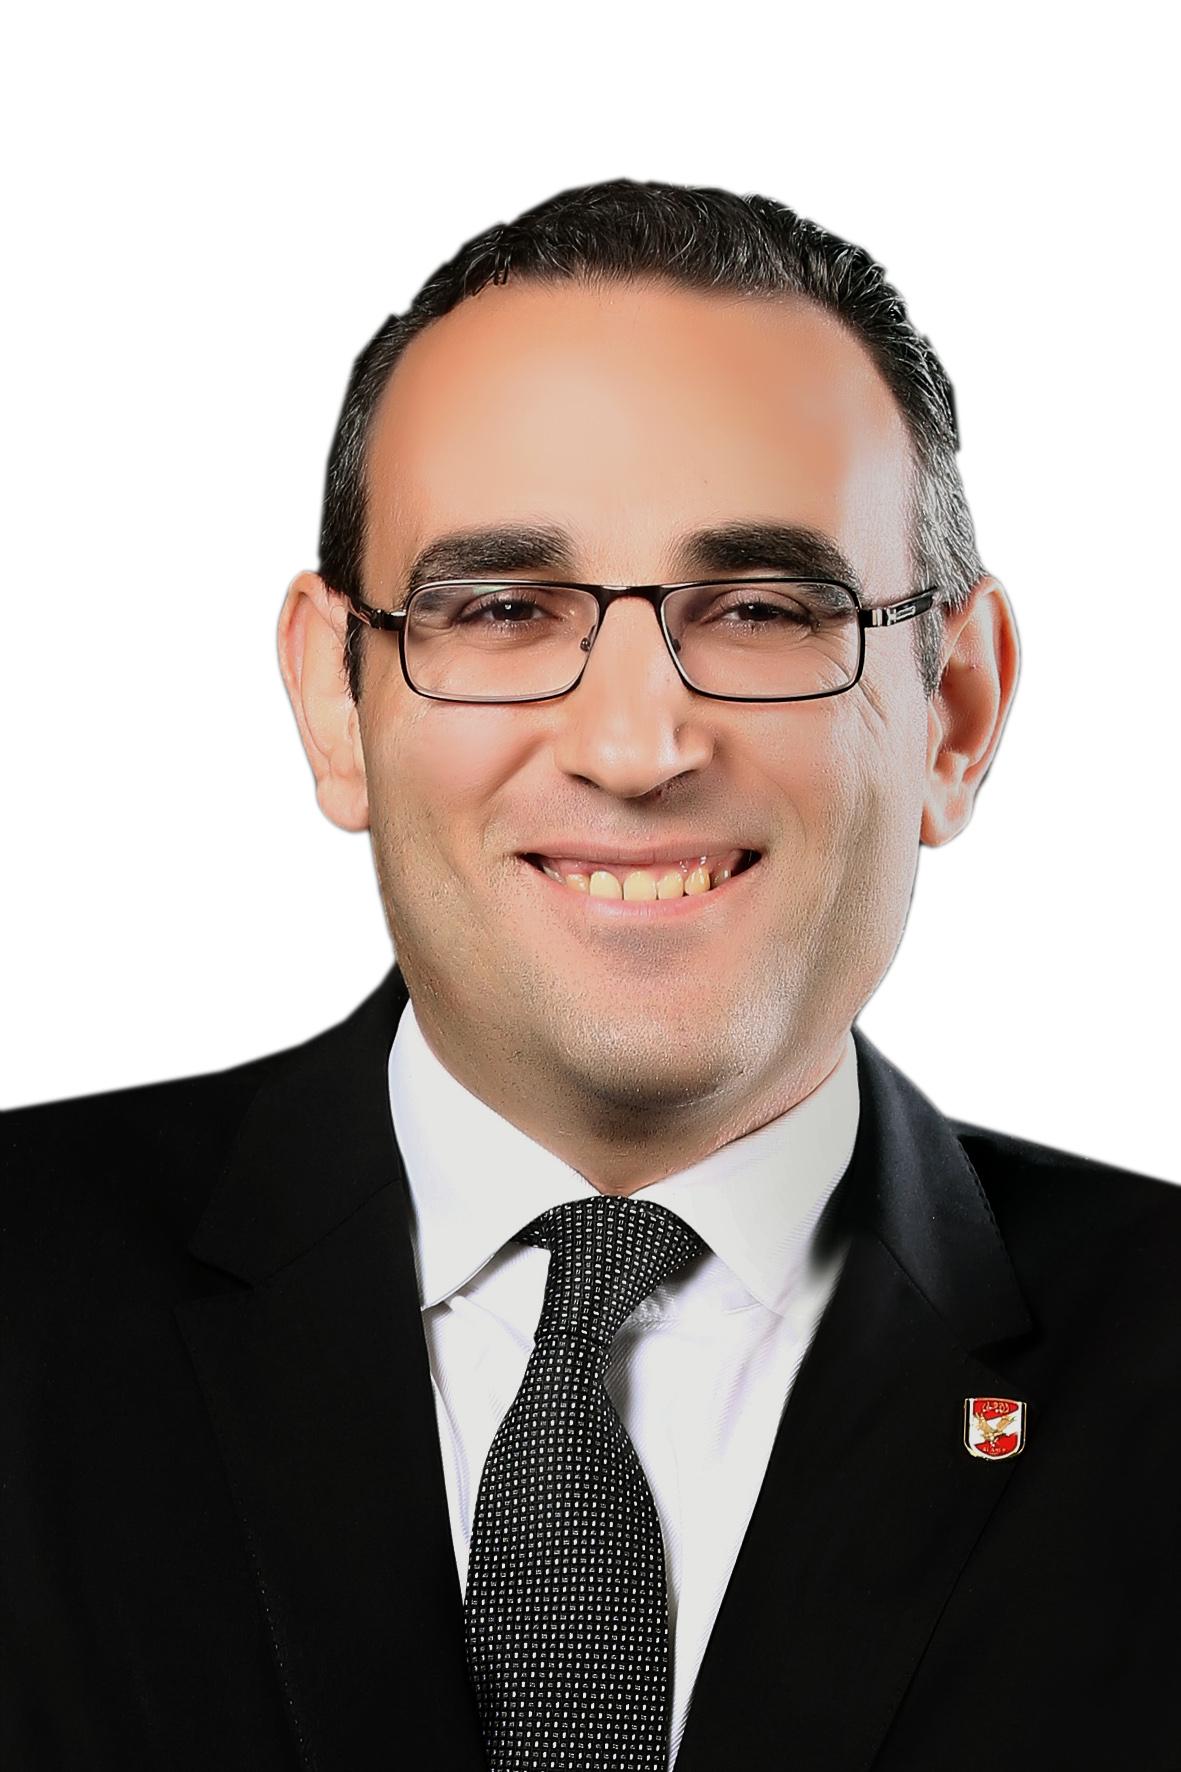 Mohamed Al- Damaty